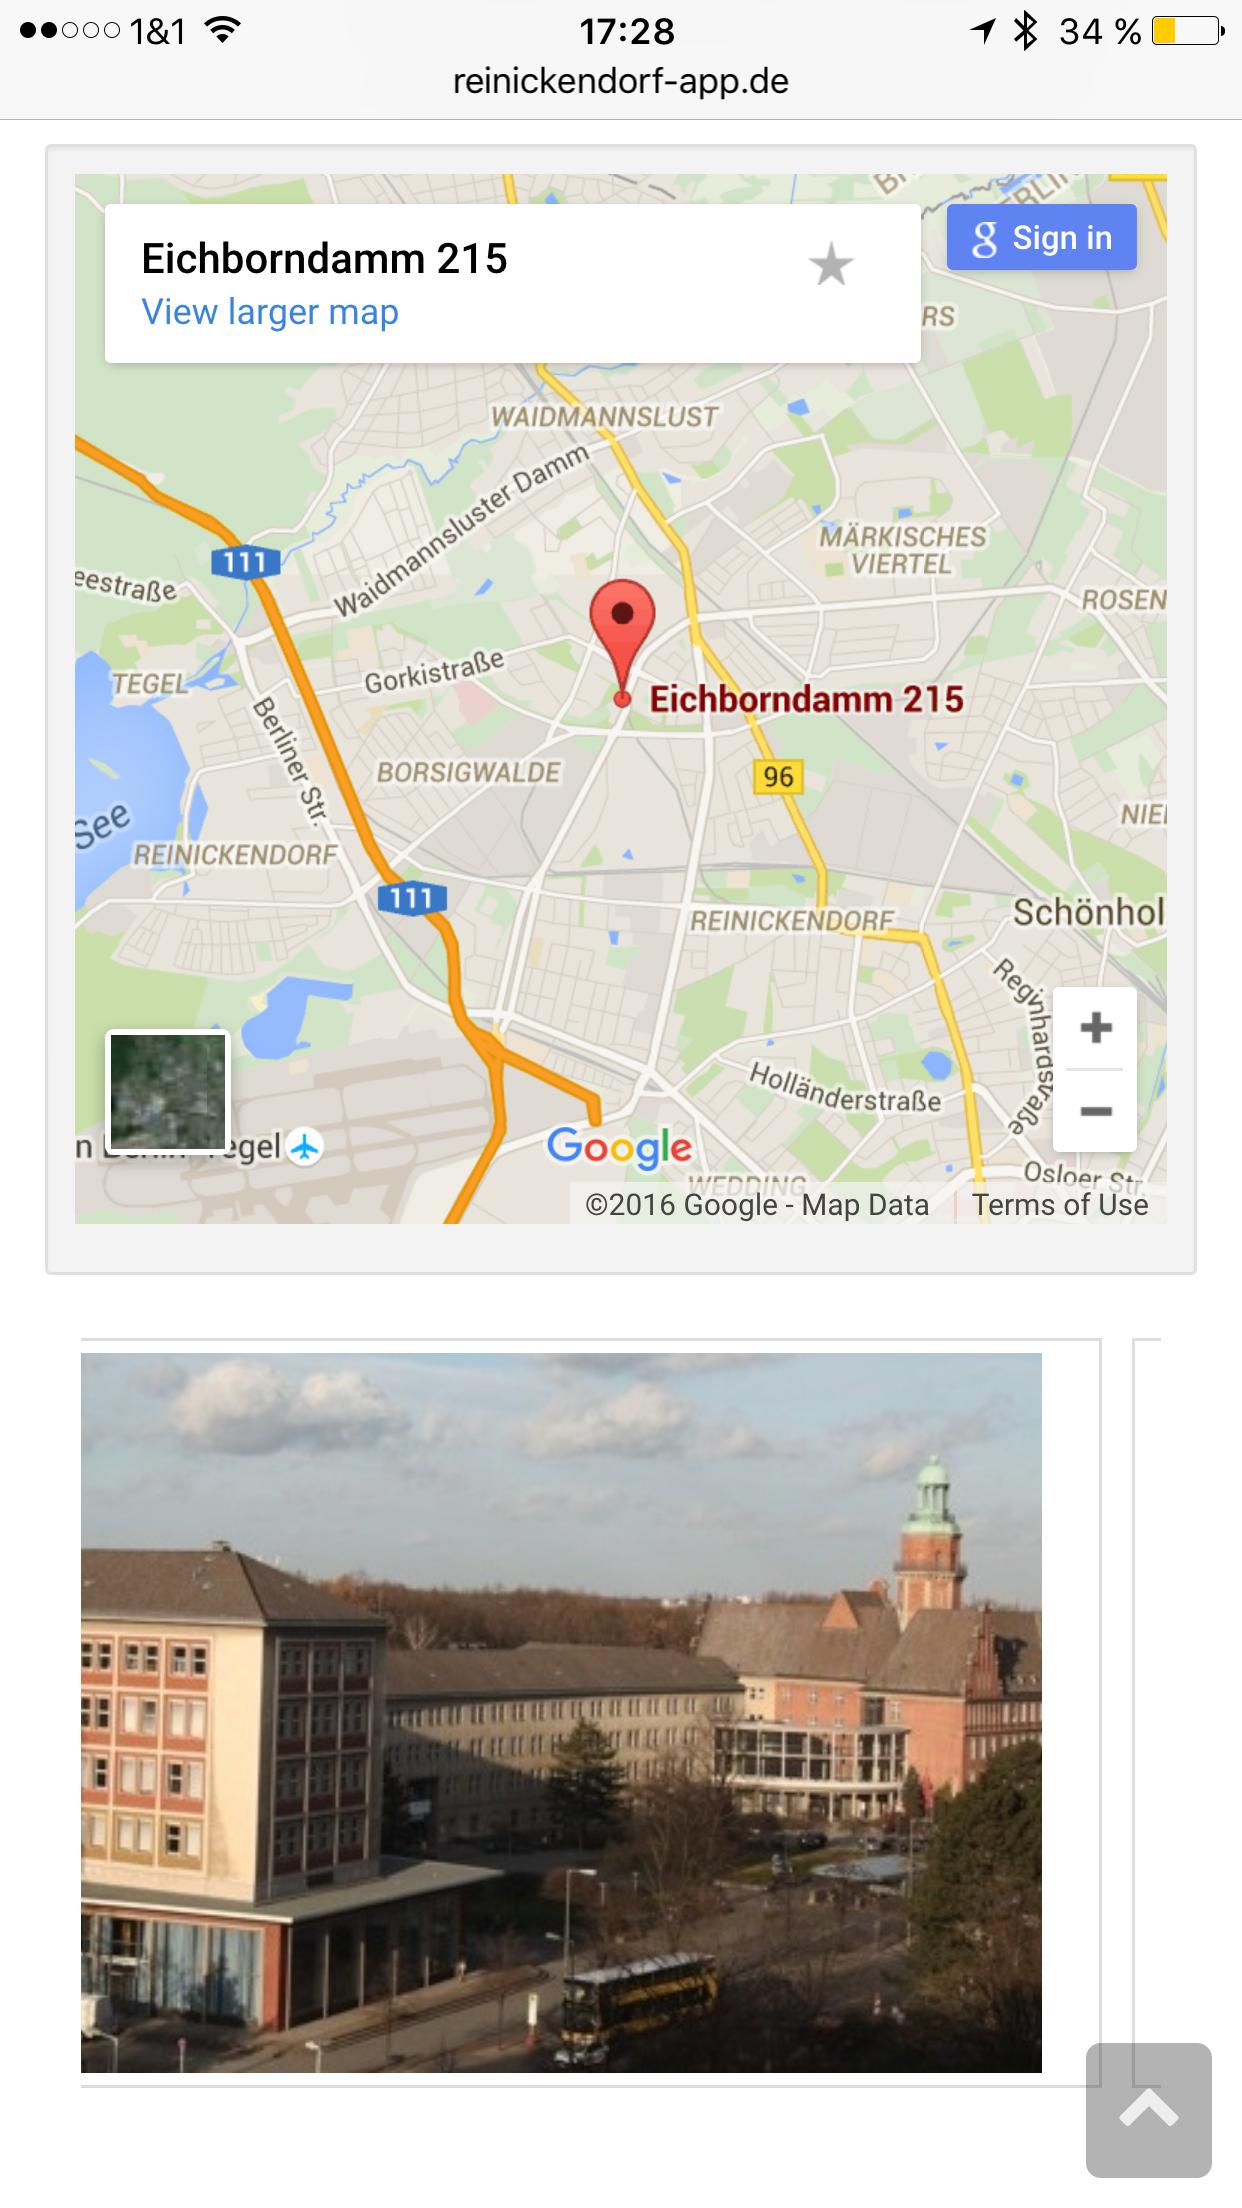 Reinickendorf App - Karte und Bilder